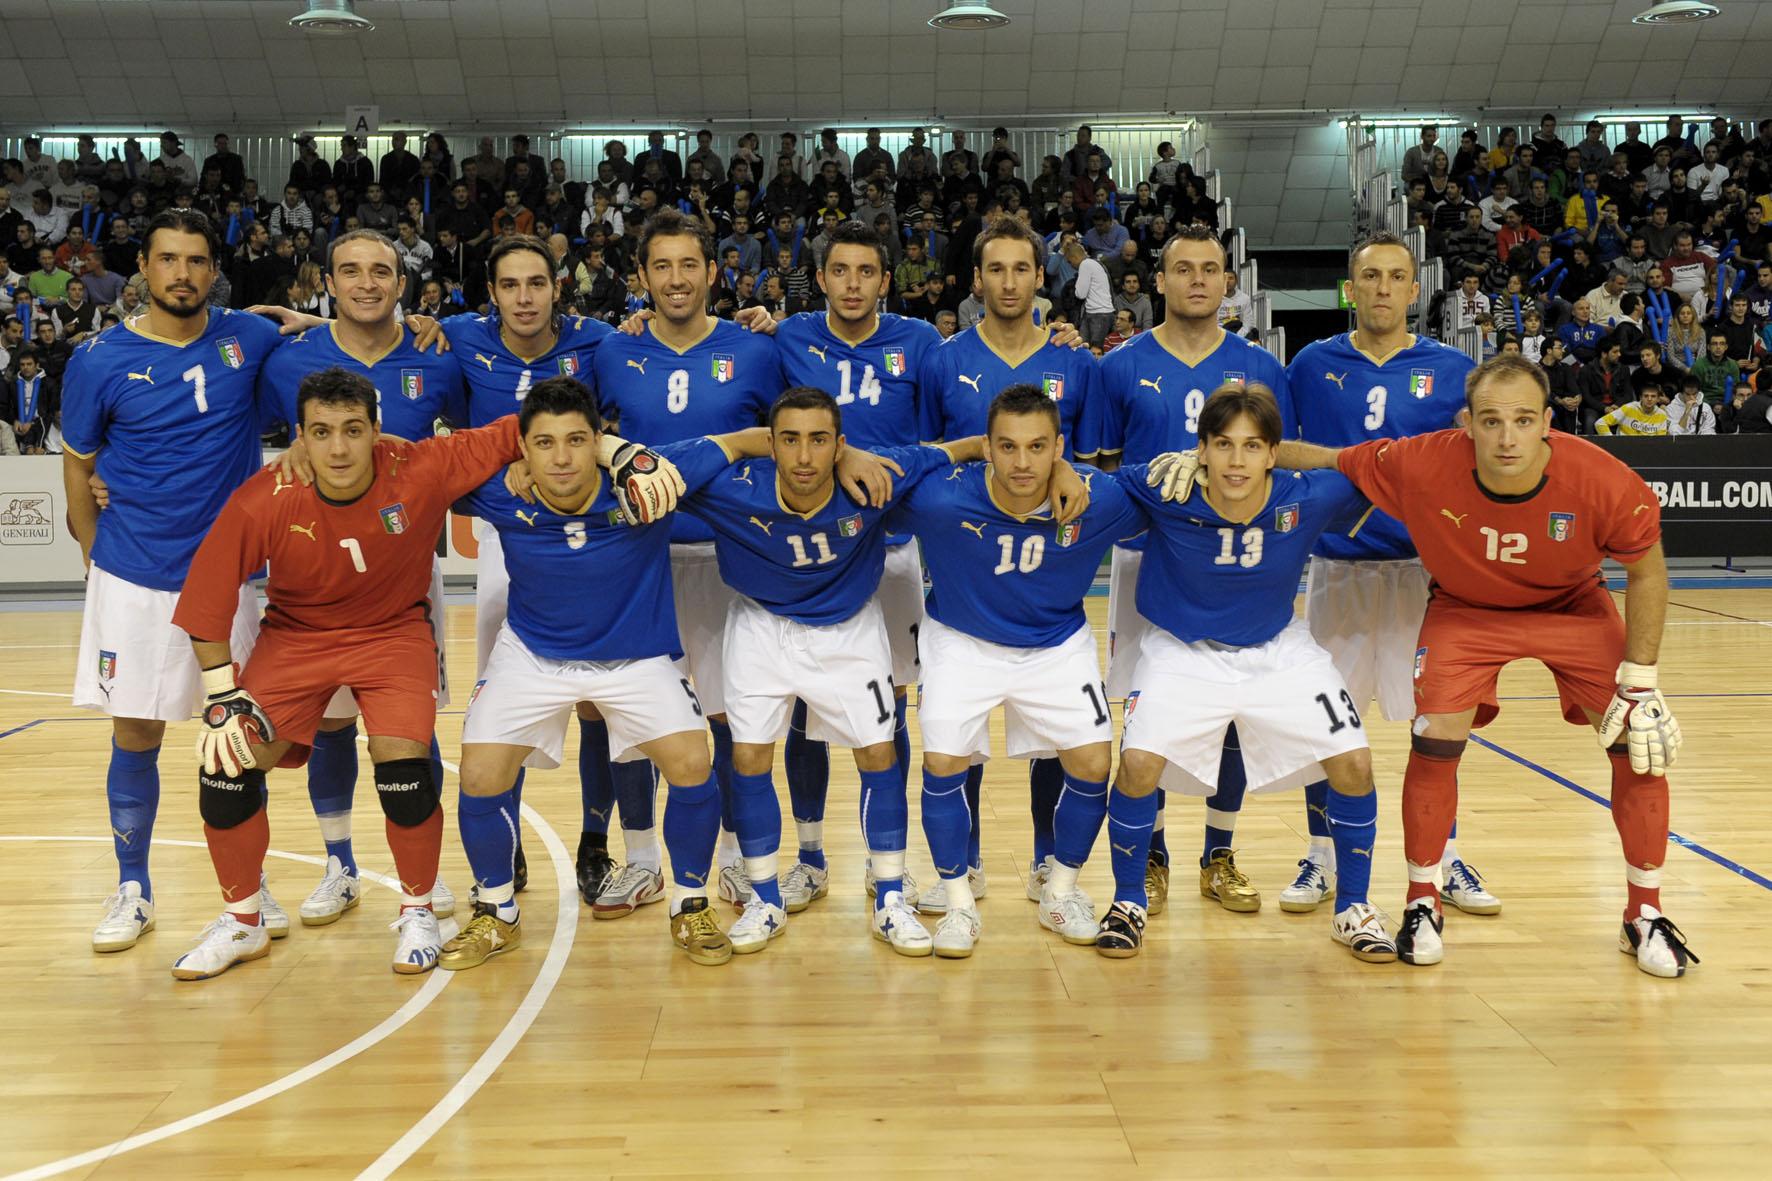 Mondiali Calcio a 5  L 11 settembre l esordio Azzurro - Mondiali.it bacb166bd0a55